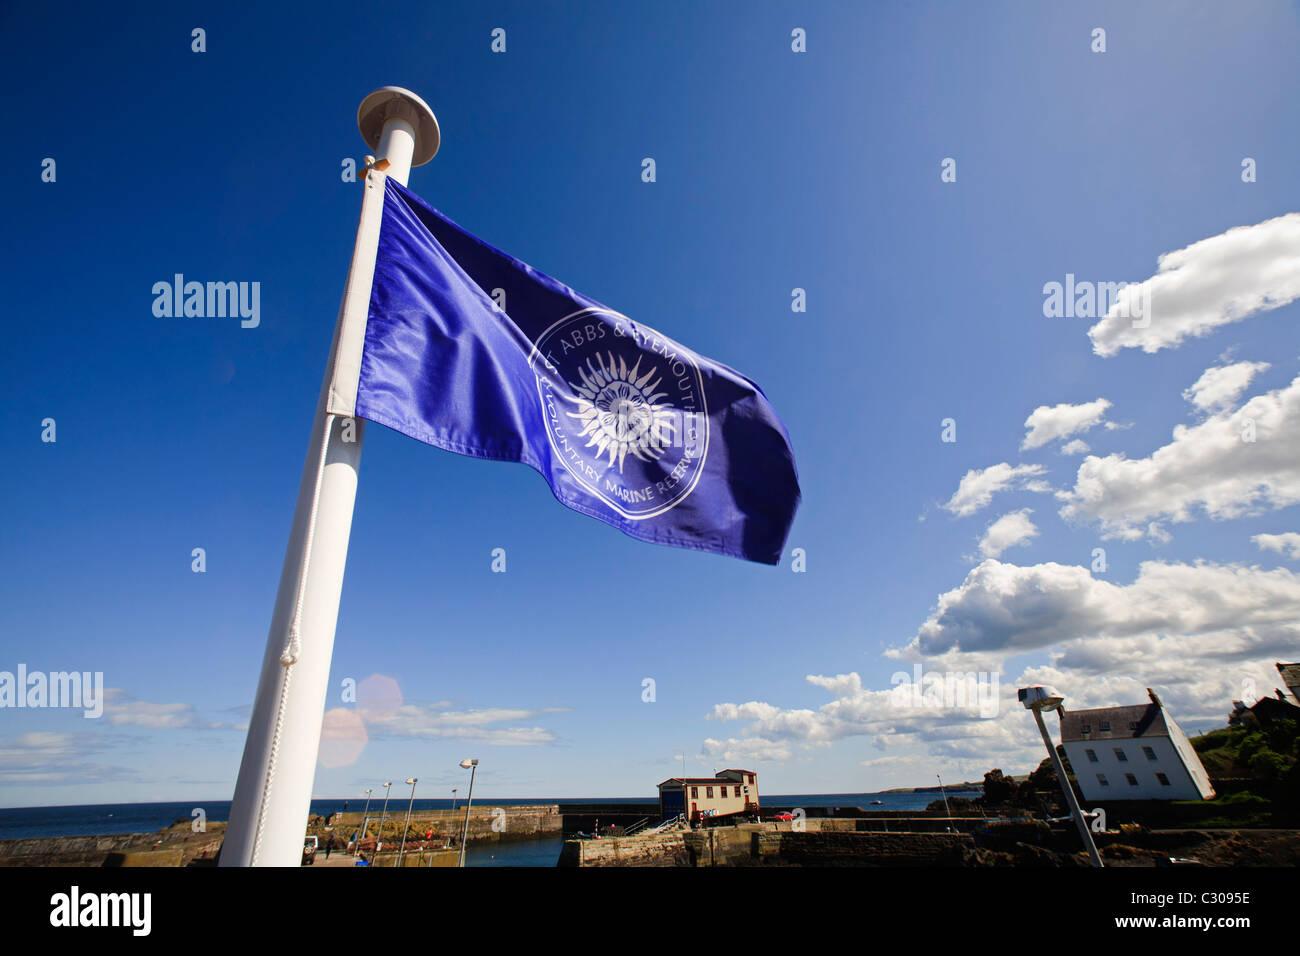 La bandiera del St. Abbs e Eyemouth volontaria Riserva Marina sventola al vento nella St. Abbs Harbour, Berwickshire. Immagini Stock